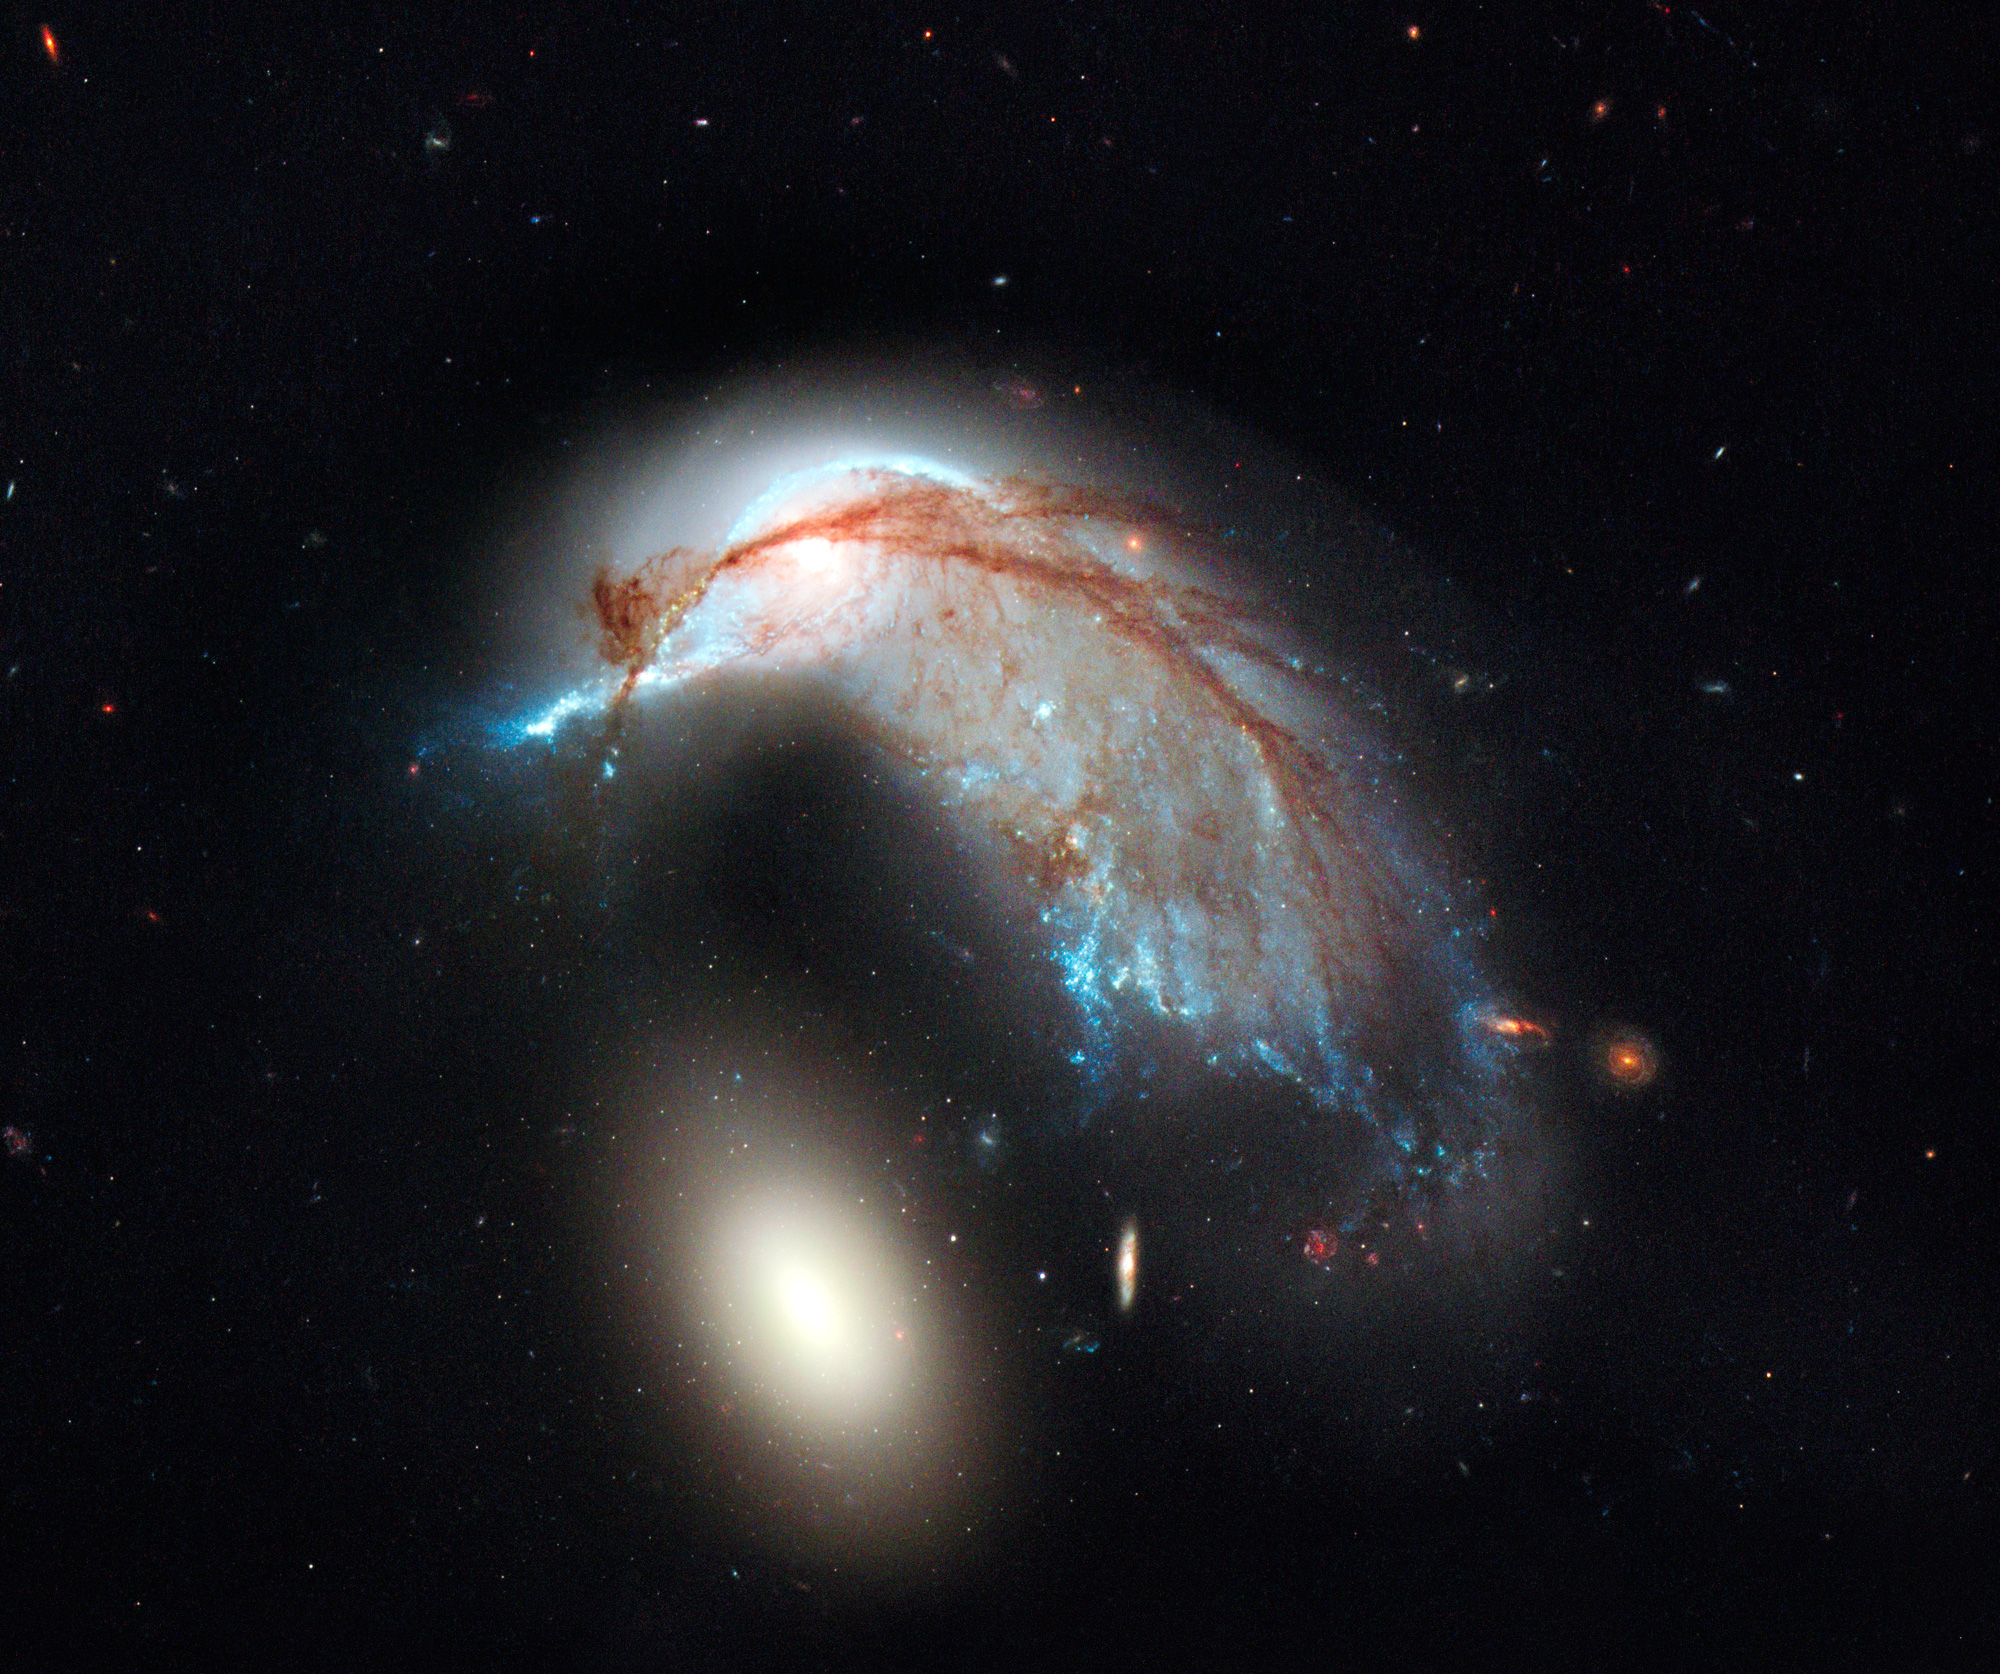 NGC 2936